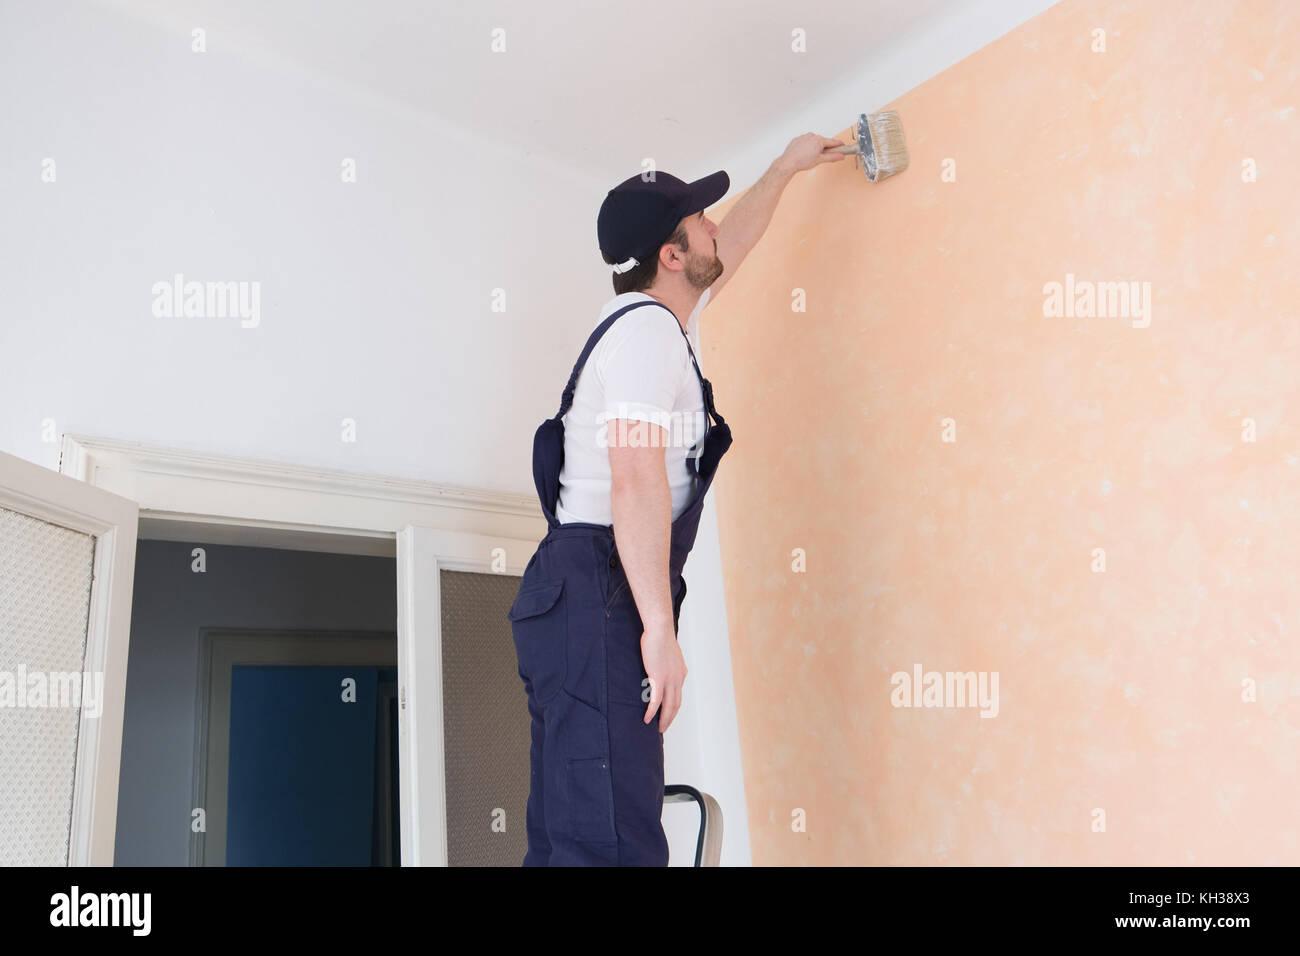 Repair Man Ladder Stock Photos Amp Repair Man Ladder Stock